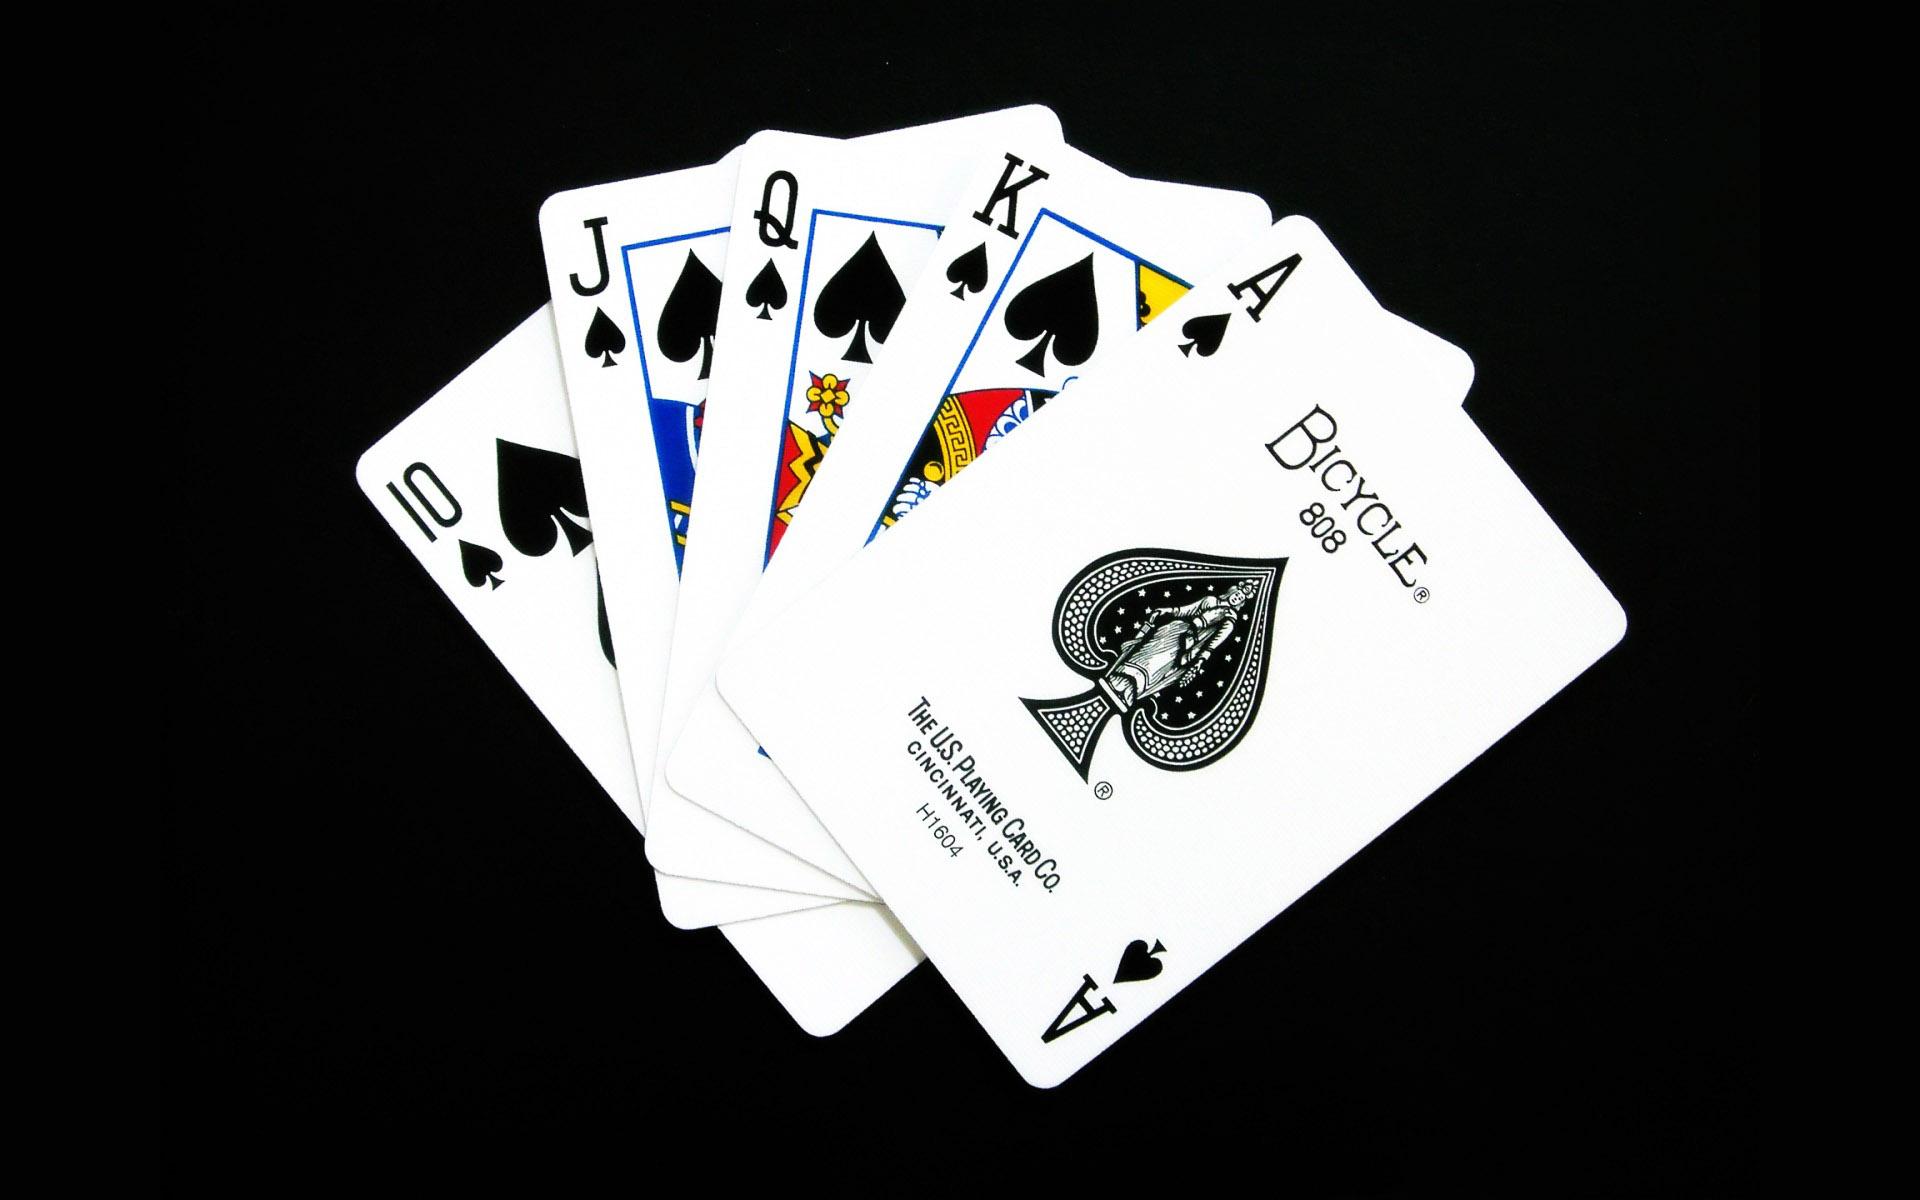 Nghiên cứu, tìm tòi để đạt hiệu quả khi chơi poker